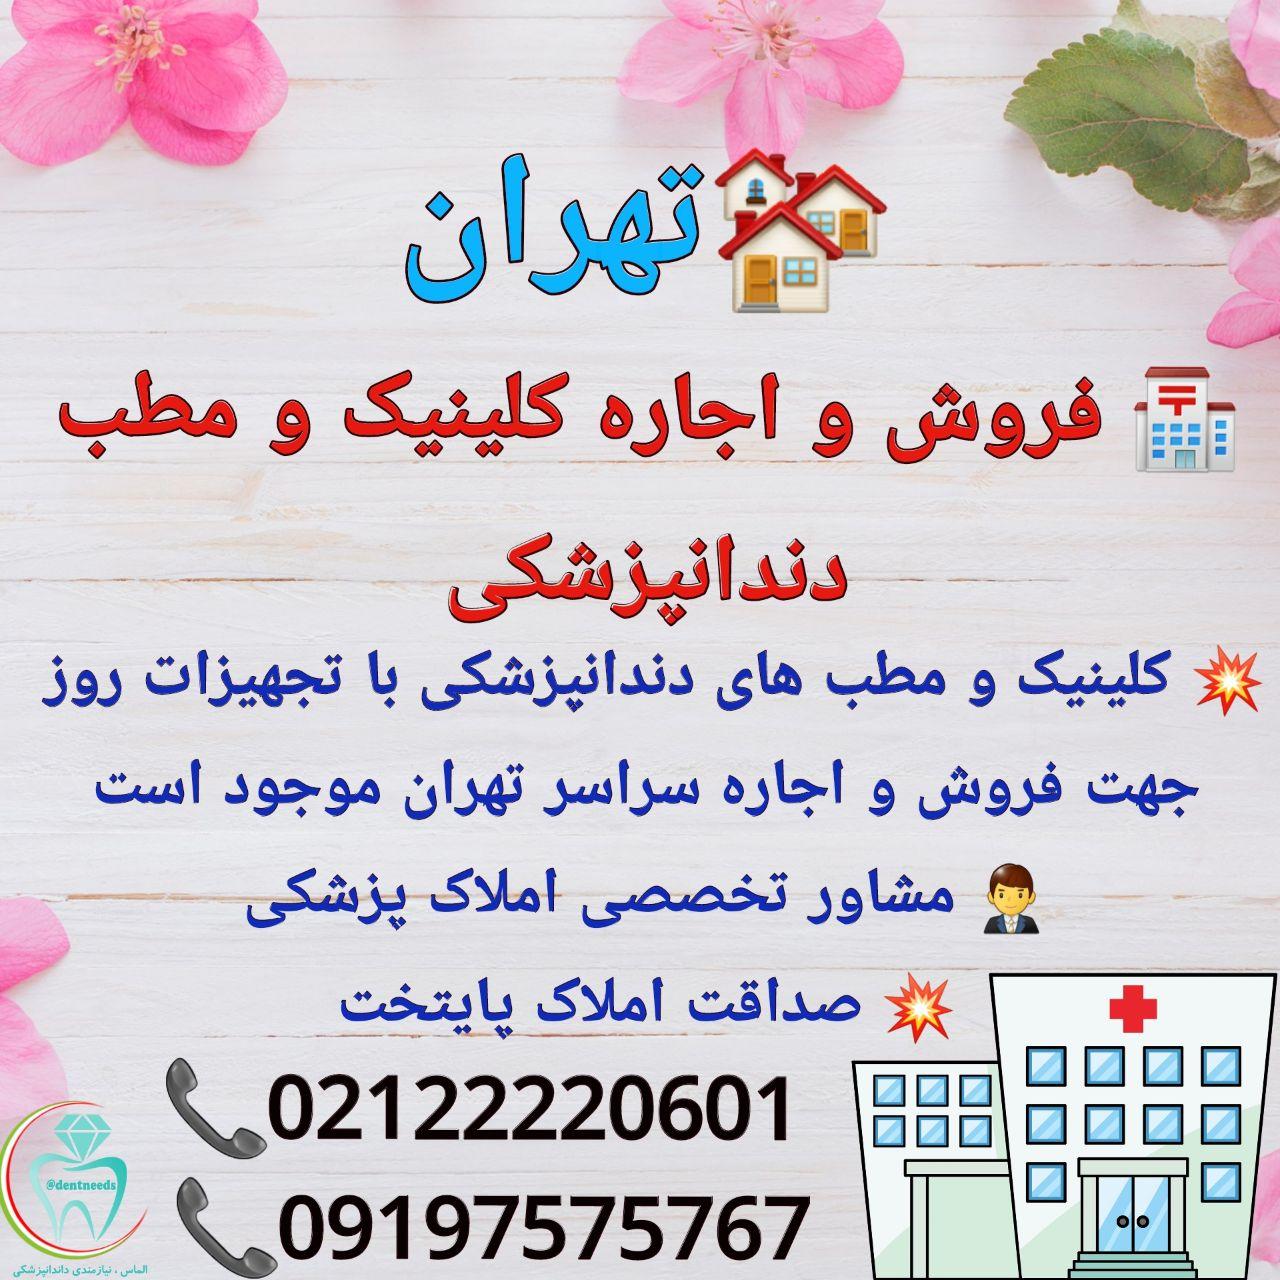 تهرام، فروش و اجاره کلینیک و مطب دندانپزشکی